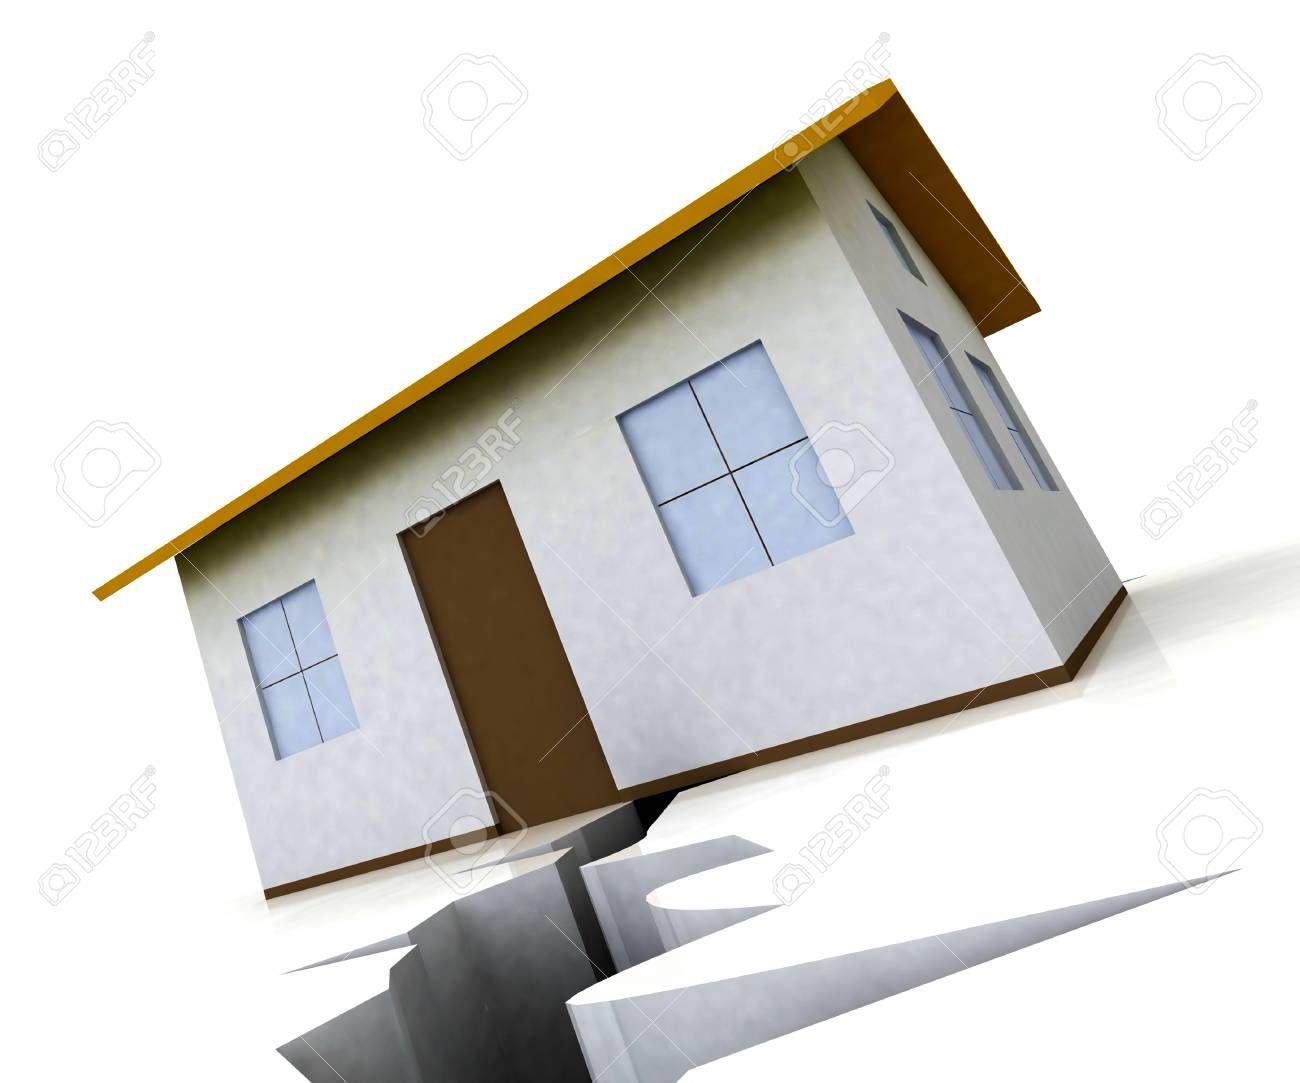 Divorce House Split House Depicts Legal Sharing Of Property After Divorcing Justice Or Lawsuit Settlement Sho In 2020 Vector Illustration Illustration 3d Illustration